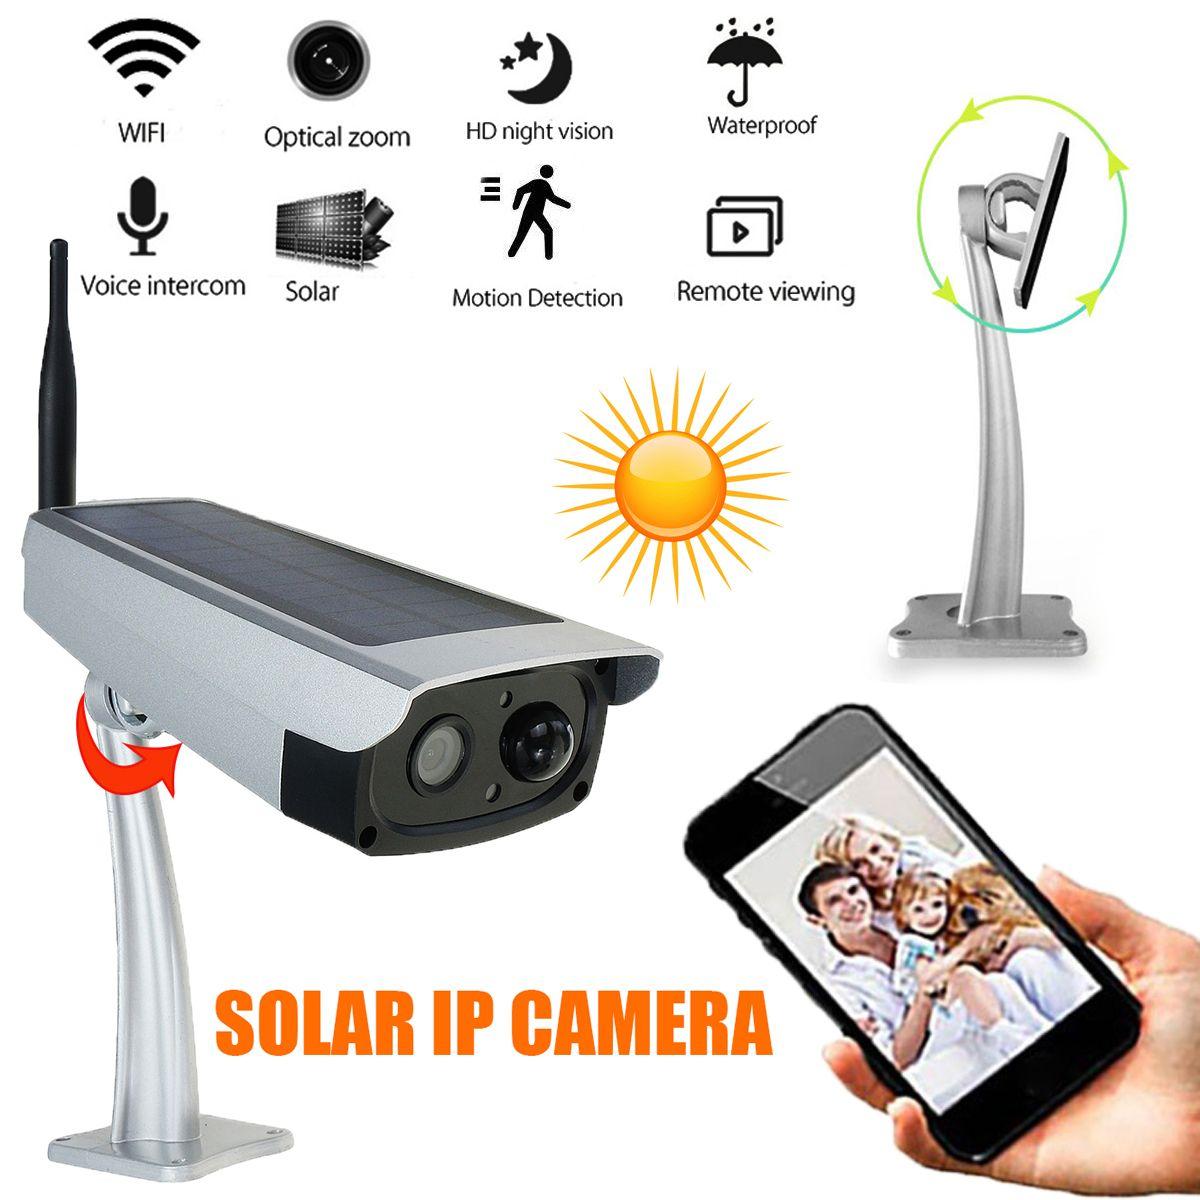 IP66 Waterproof Outdoor Security Solar Camera IP WIFI Cameras Mobile Phone Remote Control 1080P HD Surveillance Cameras System